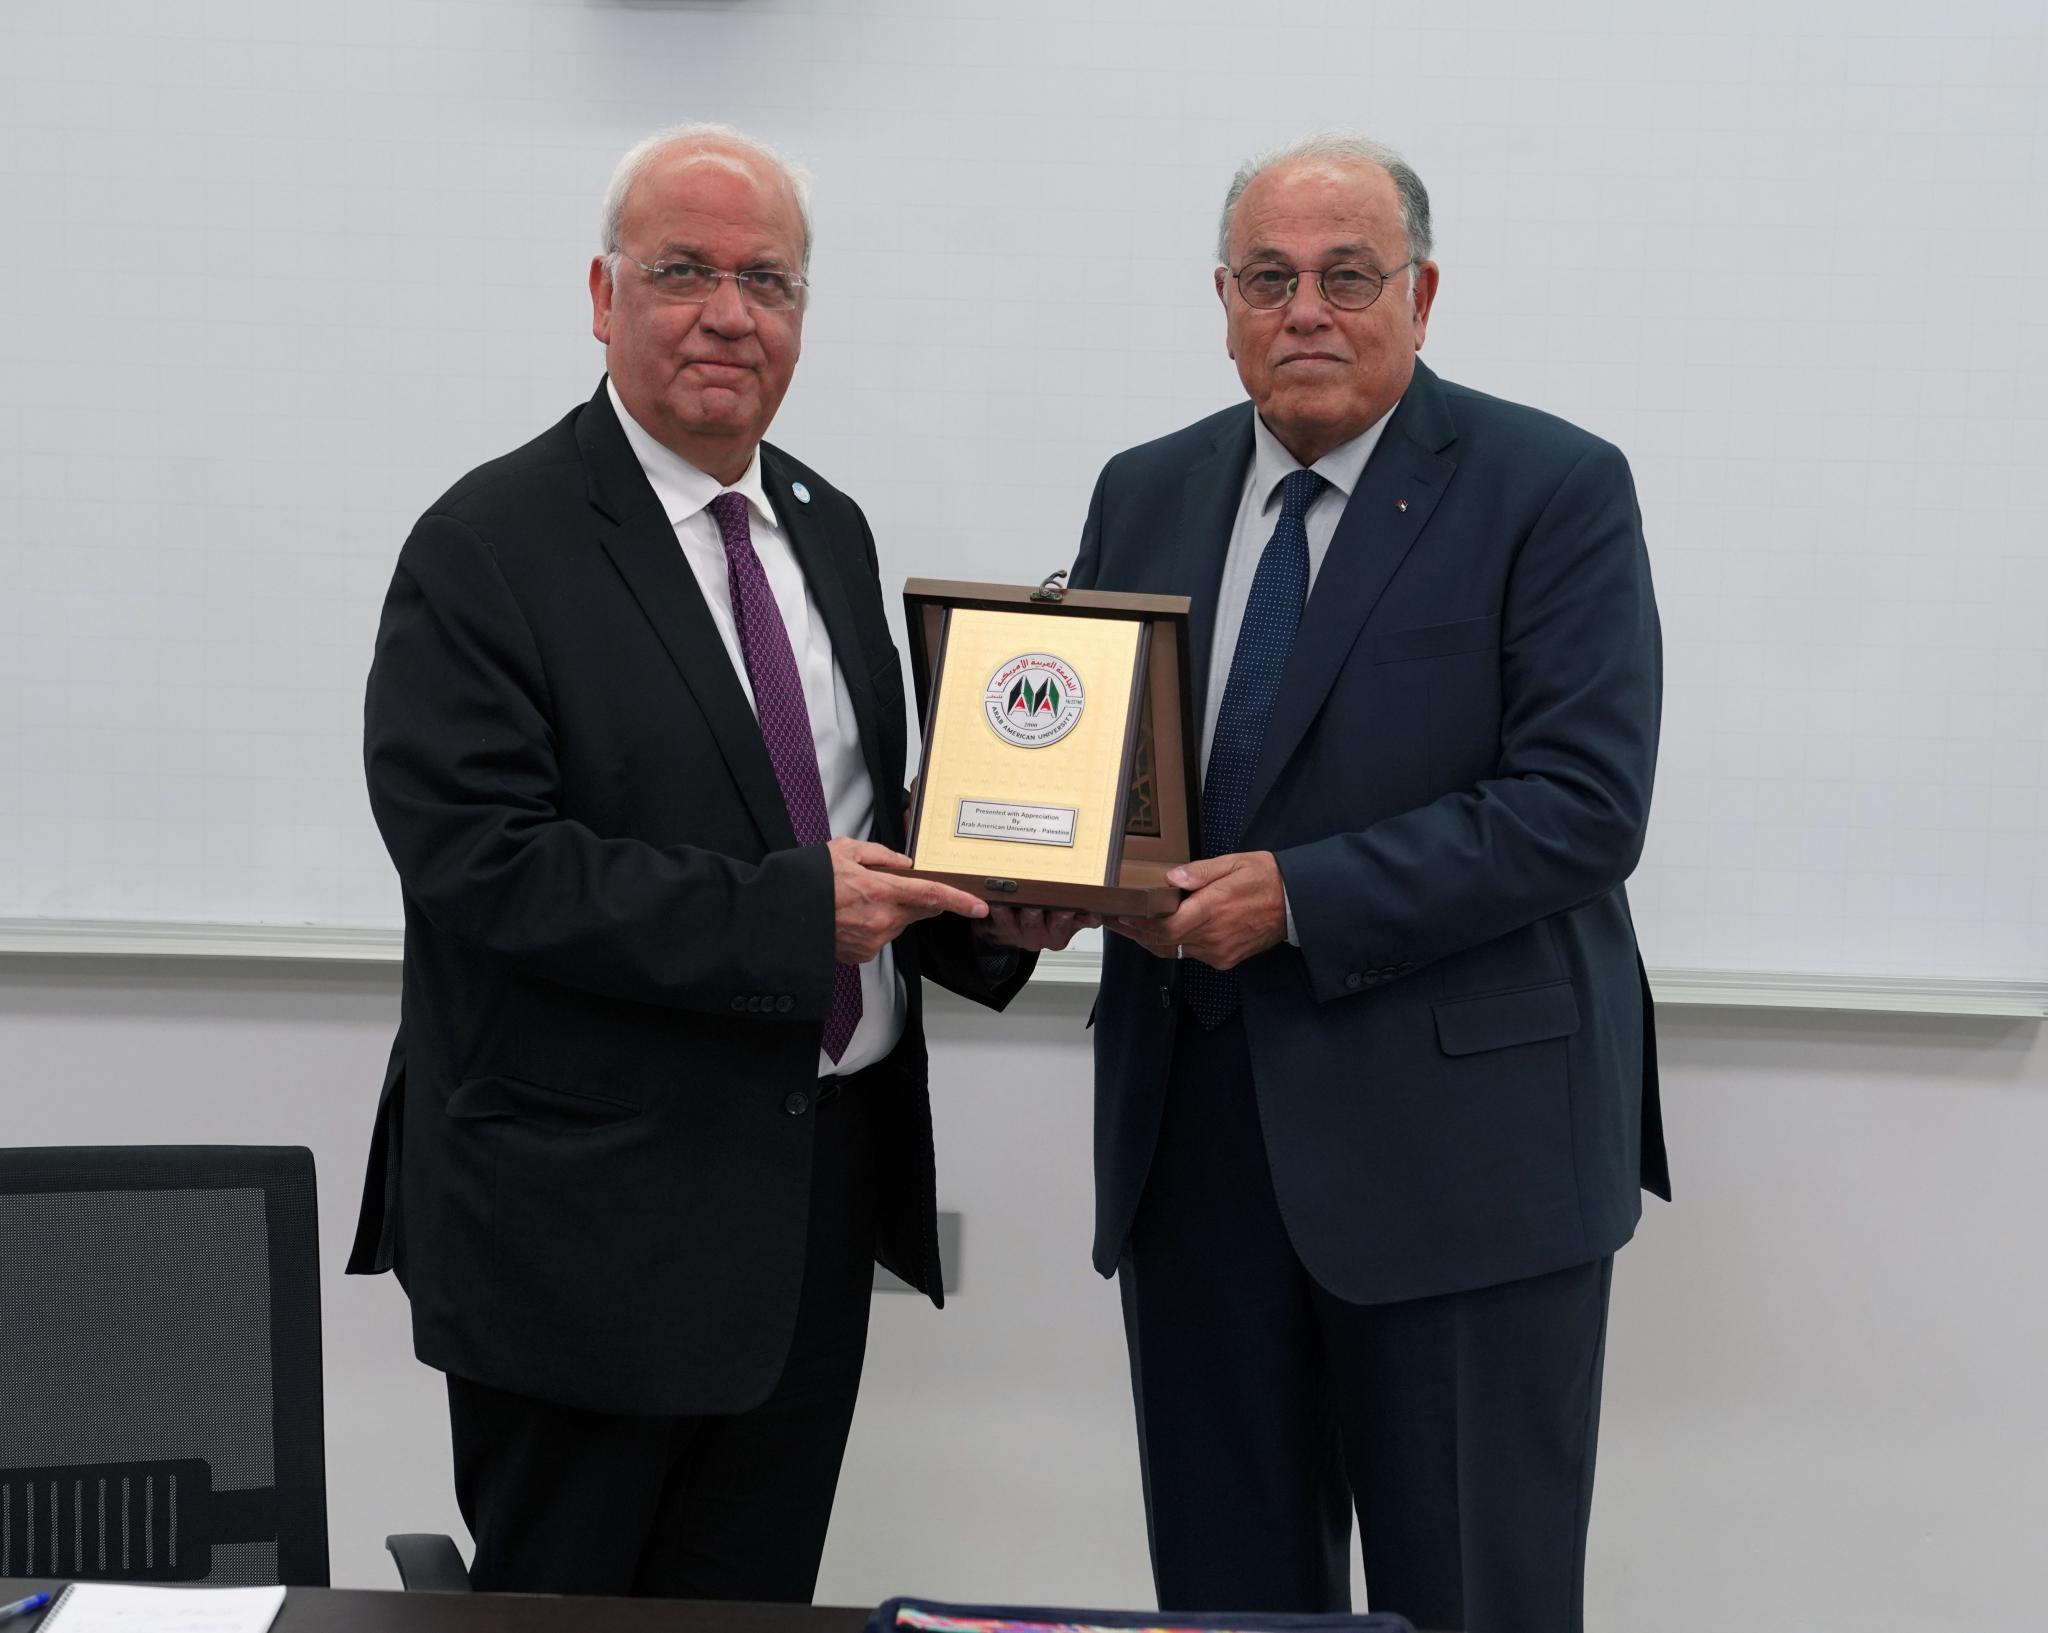 رئيس الجامعة العربية الامريكية يكرم الدكتور صائب عريقات